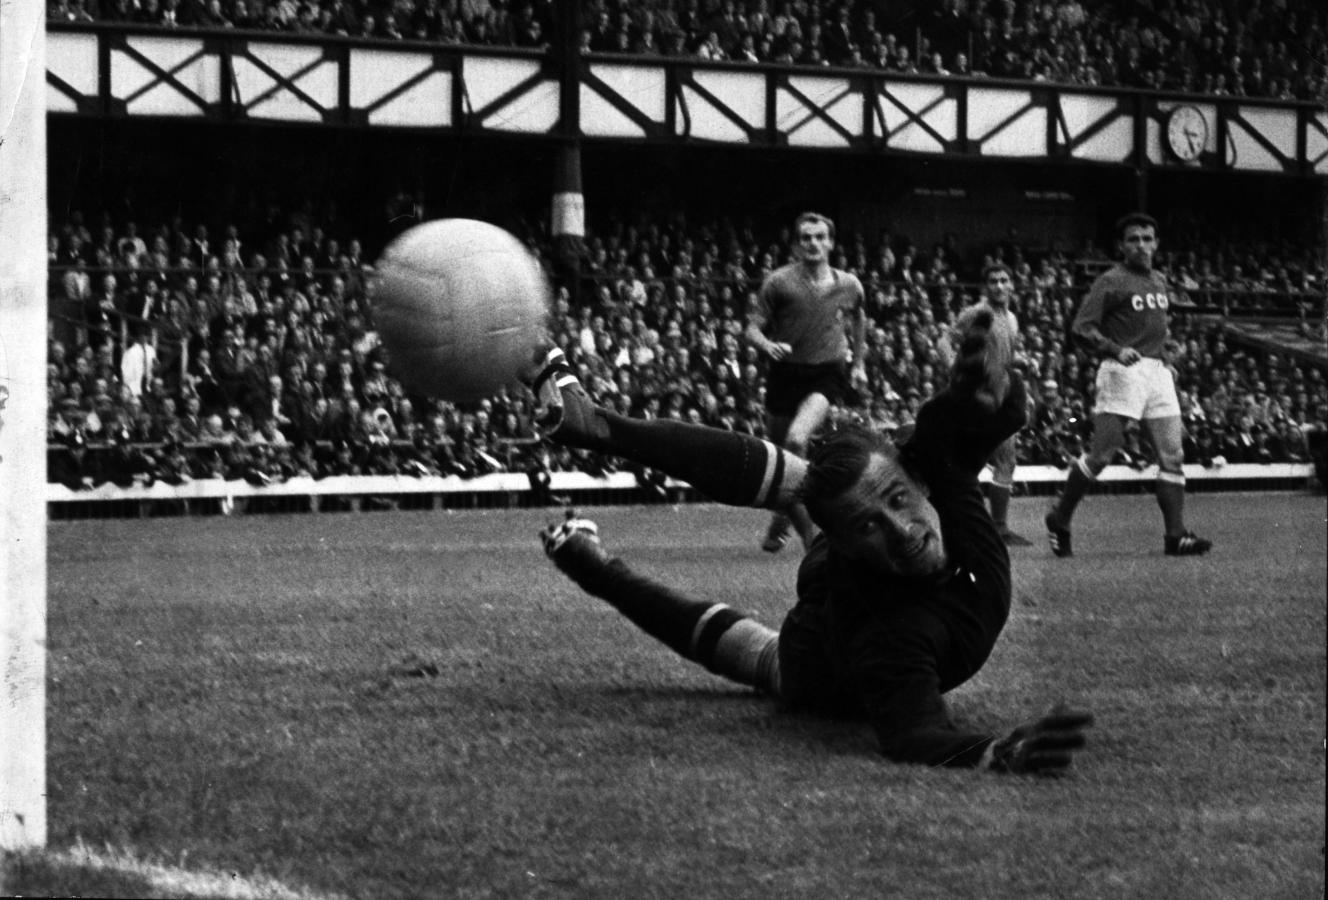 Unión Soviética 1 - Italia 0, en Inglaterra 1966, Yashin destruía la moral de los delanteros, parecía invencible.